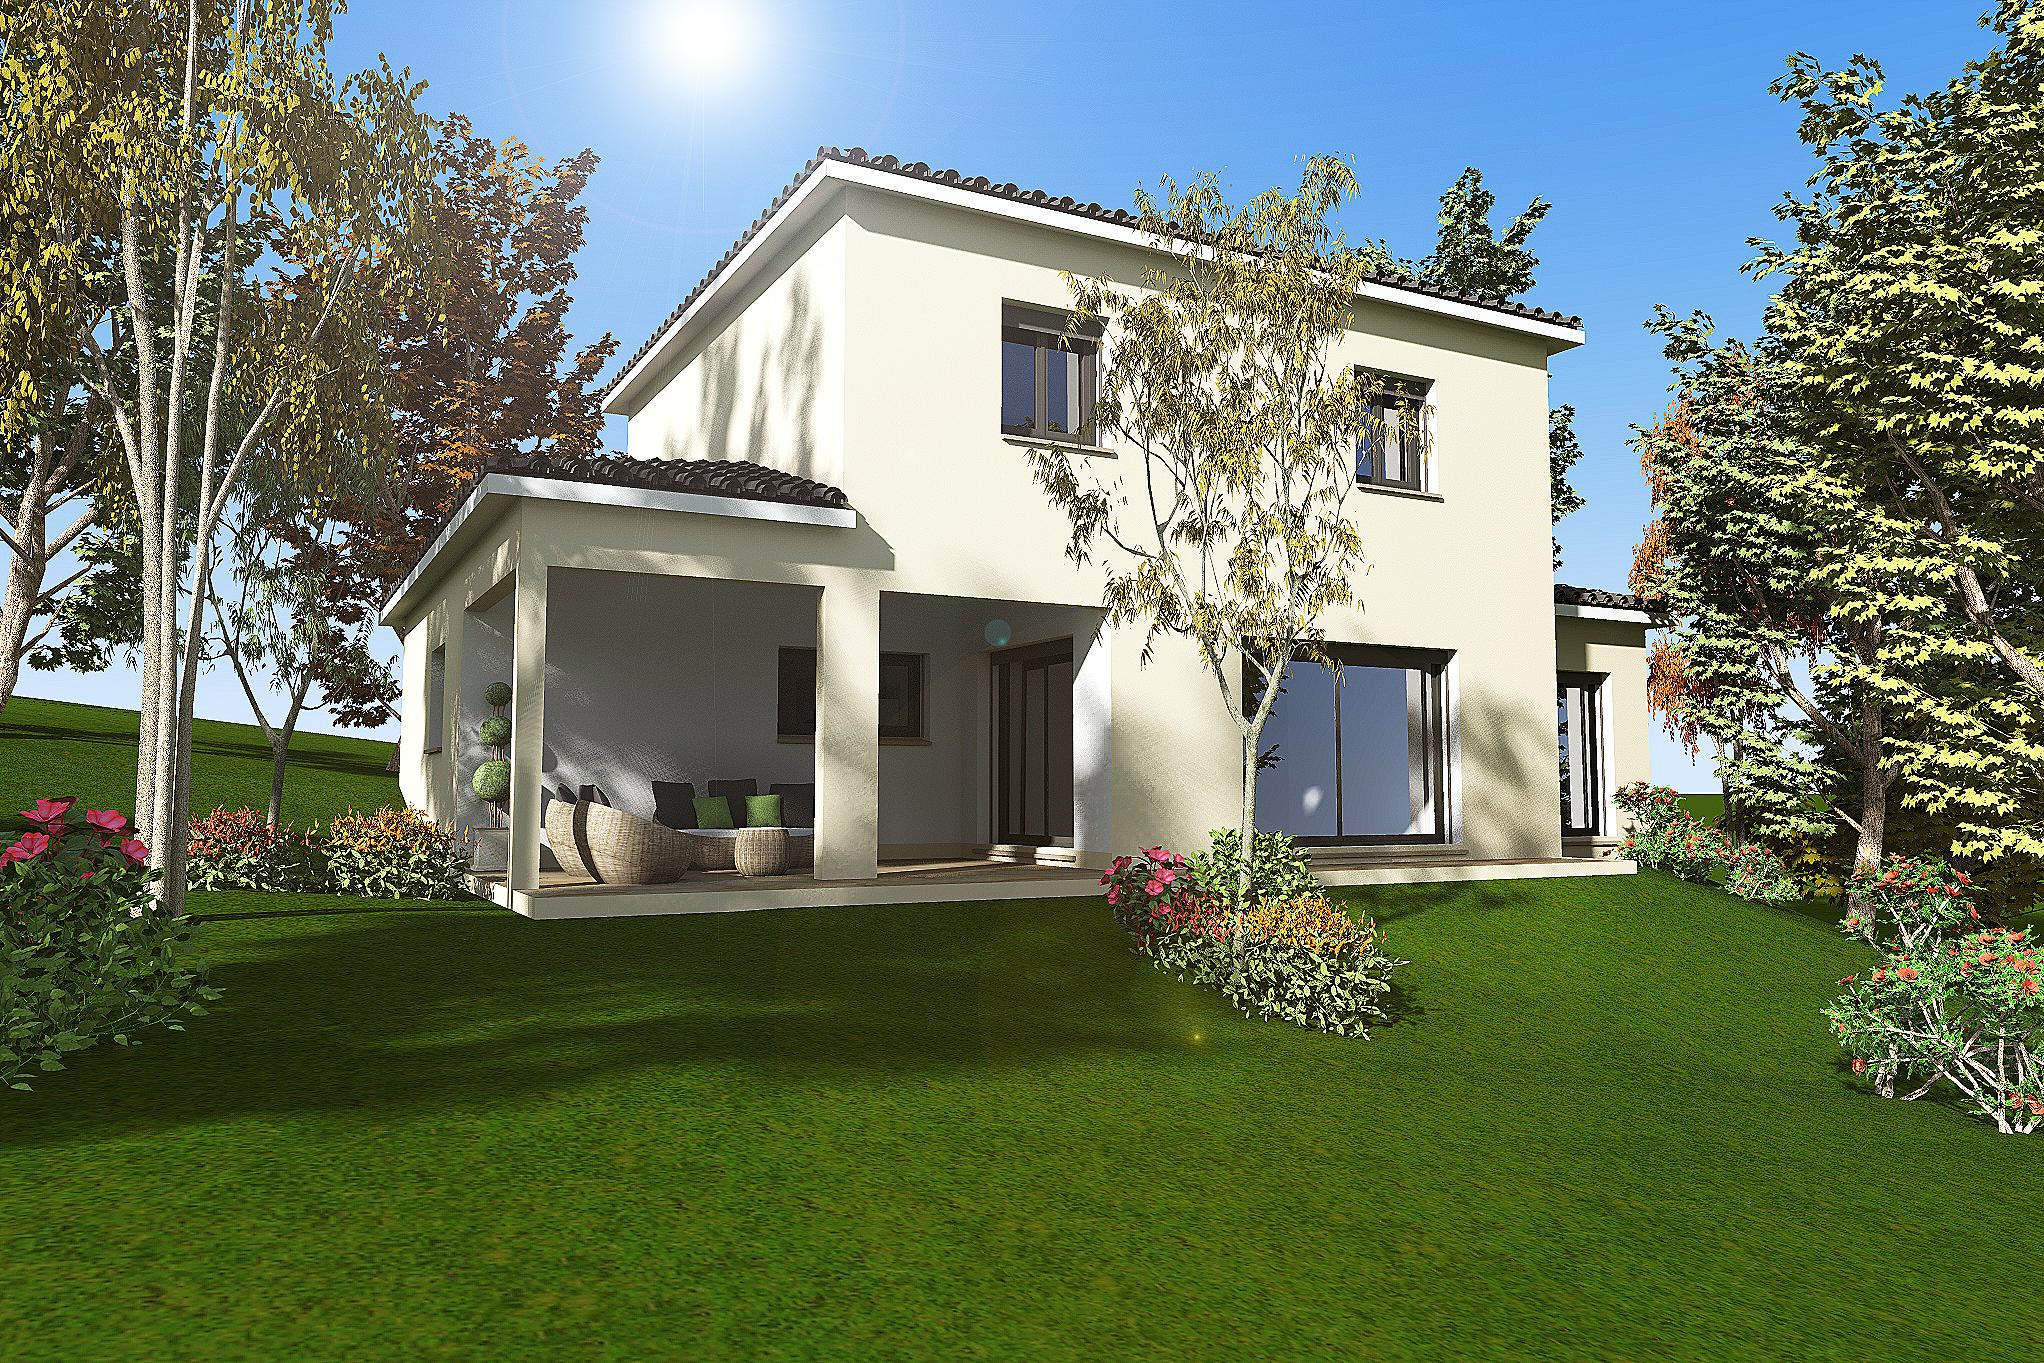 Maisons + Terrains du constructeur HABITAT SUD EST • 110 m² • BAIX